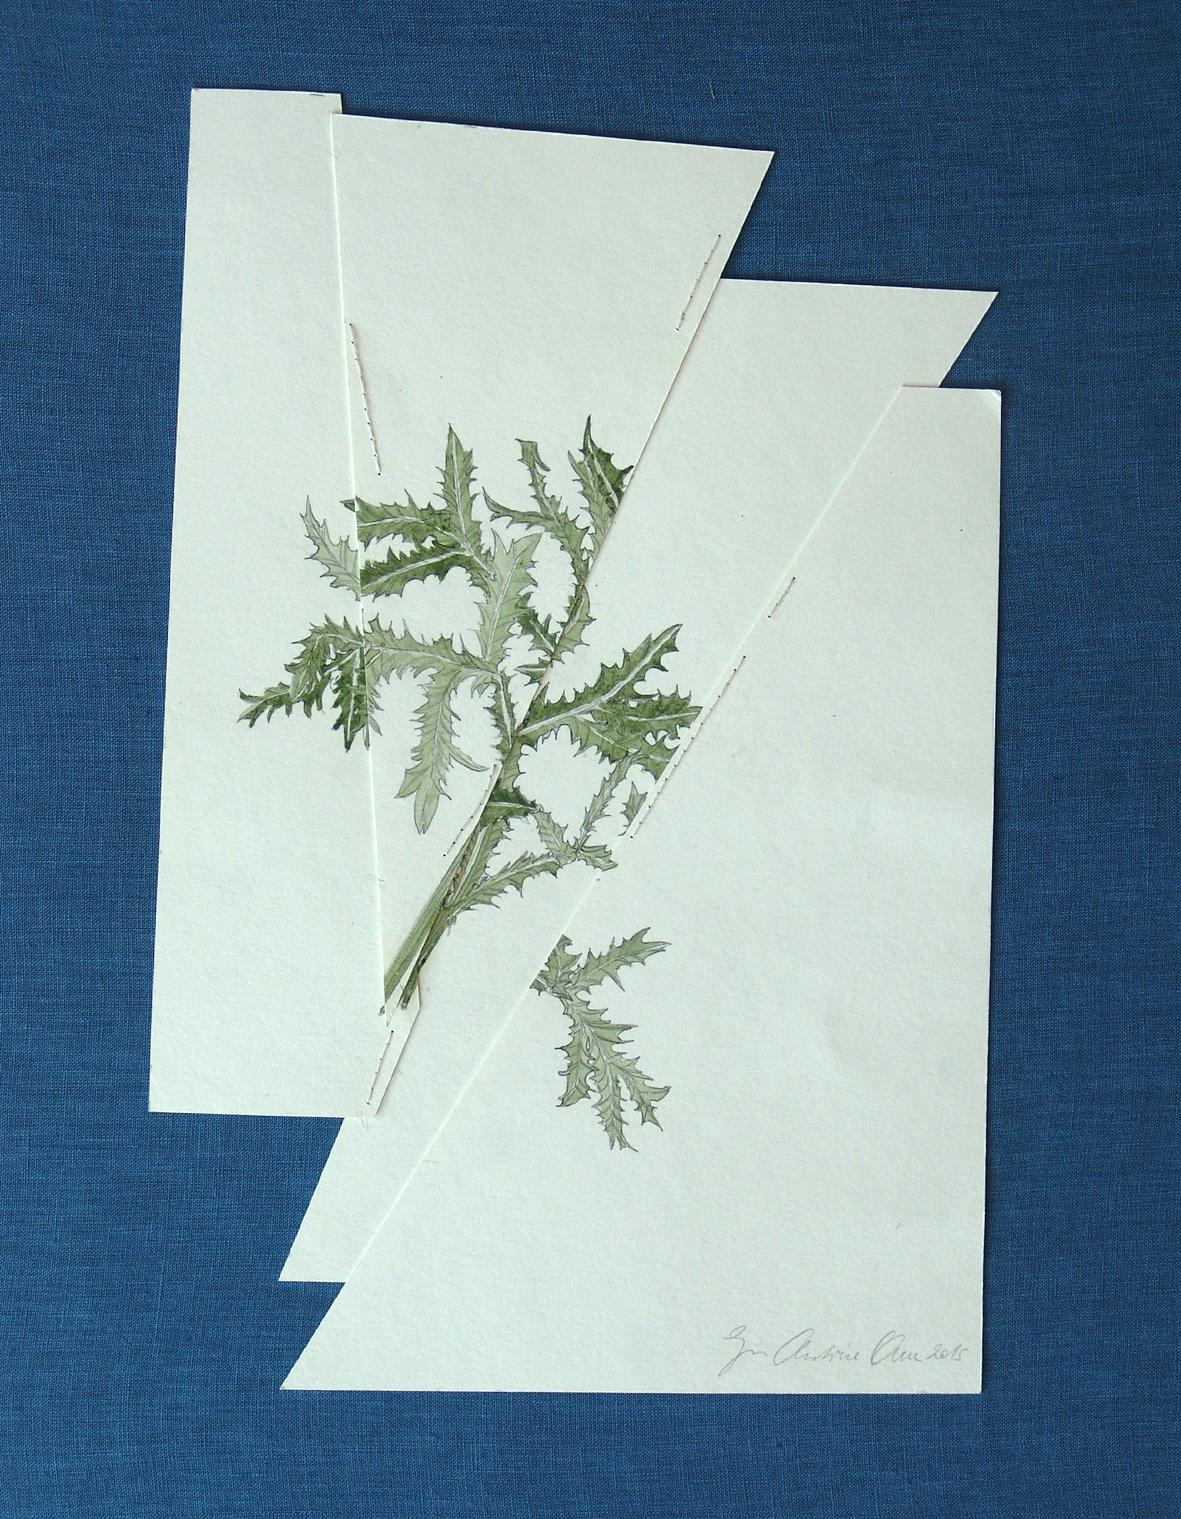 """""""vernarbte Zeichnung II"""" Bleistift und Aquarell auf Papier, abgebildet auf blauem Hintergrund 35,5 x 23,5 cm, 2015"""